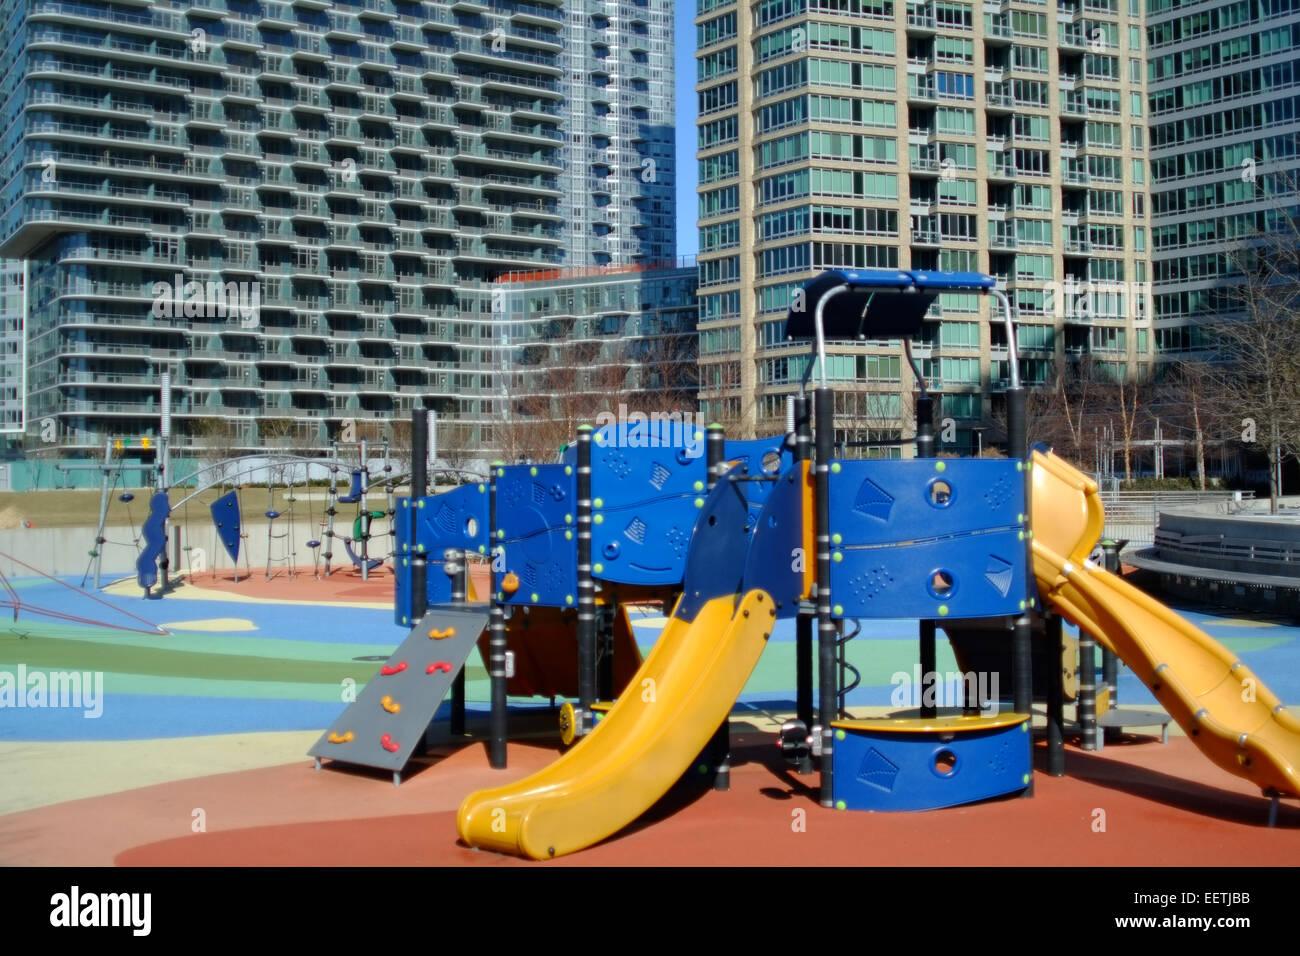 Deserted Childrens playground, The Bronx, New York - Stock Image